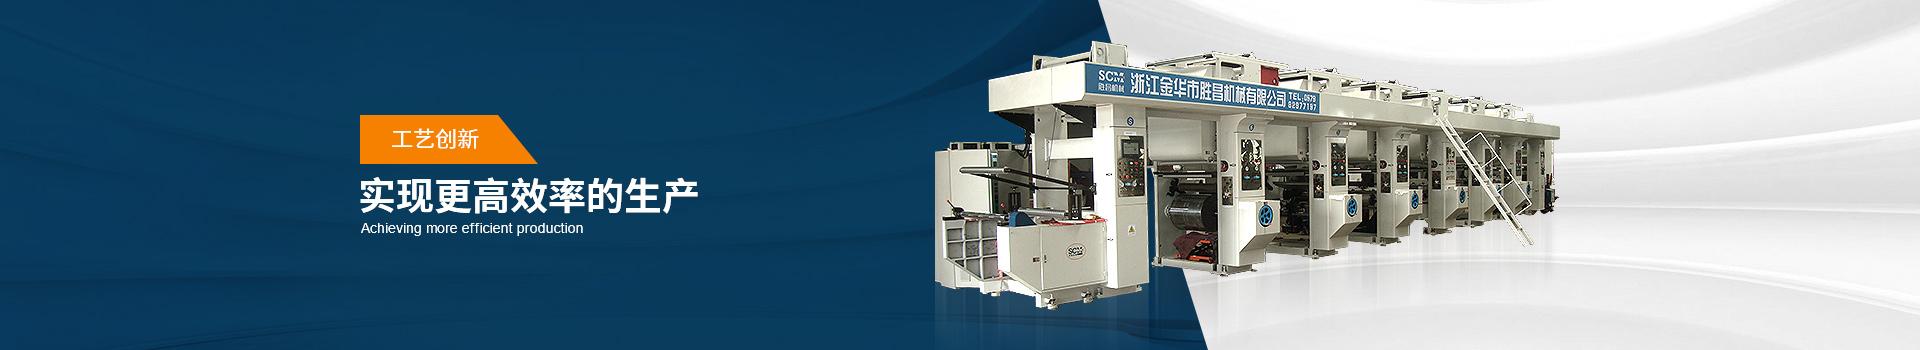 凹版印刷机  工艺创新   实现更高效率的生产